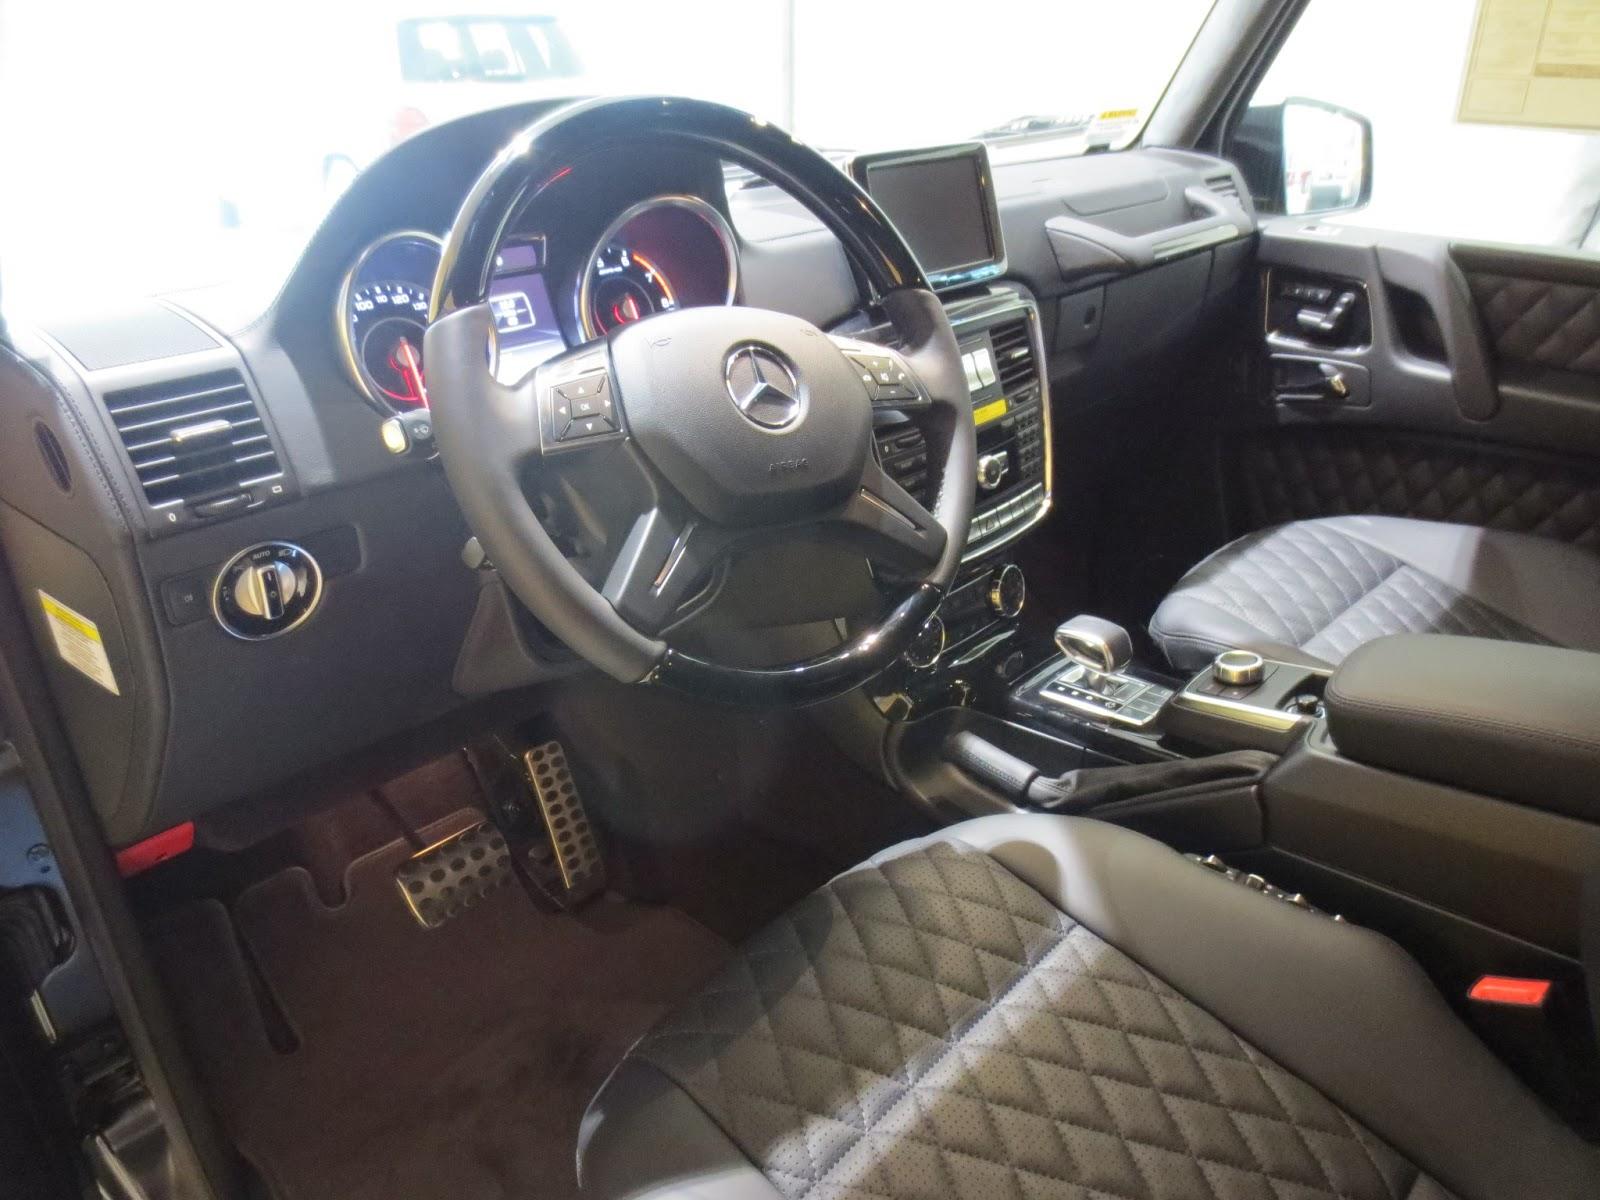 Mercedes benz of lynnwood blog designo matte black g63 amg for Mercedes benz of lynwood